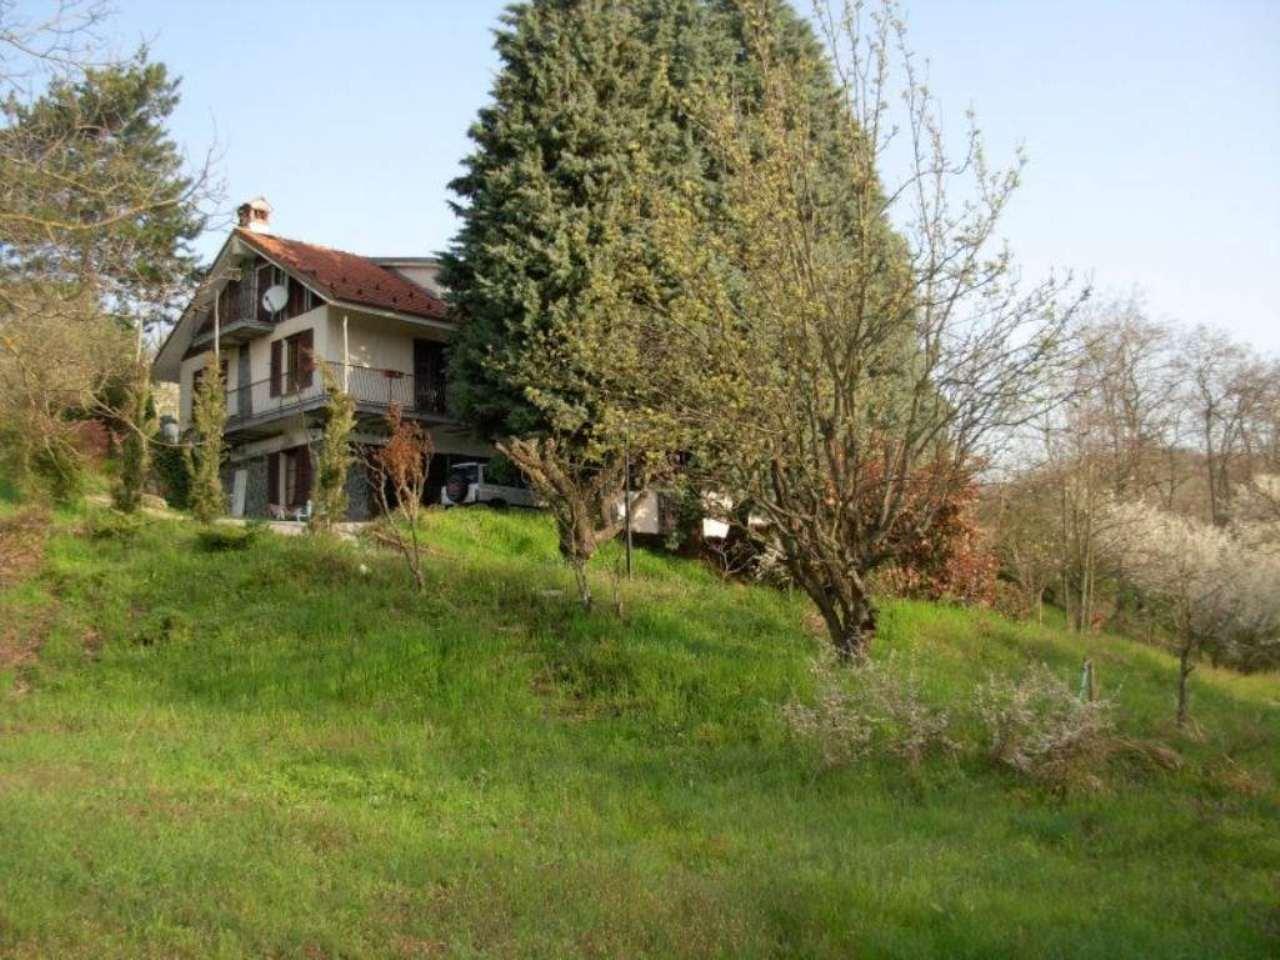 Villa in vendita a Molare, 9999 locali, prezzo € 375.000 | CambioCasa.it